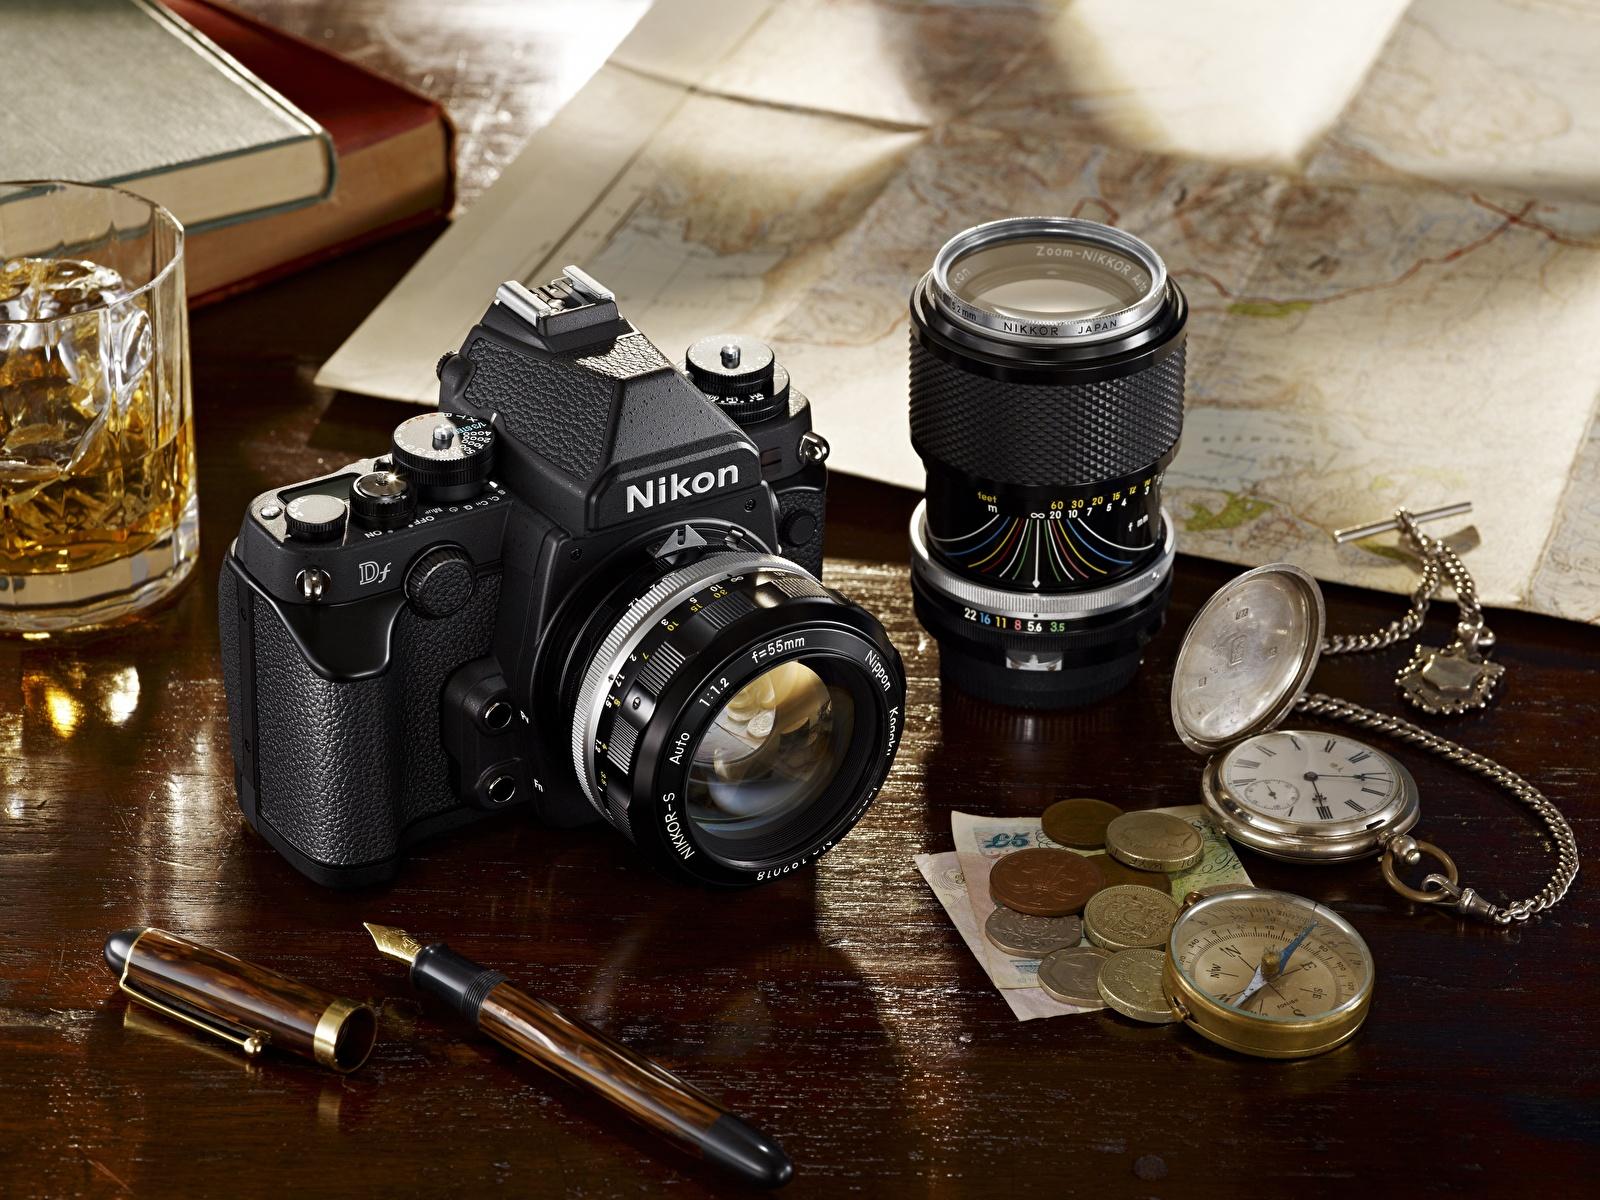 De Bolsillo Fondos Nikon Reloj Pantalla 1600x1200 wOyNn8vm0